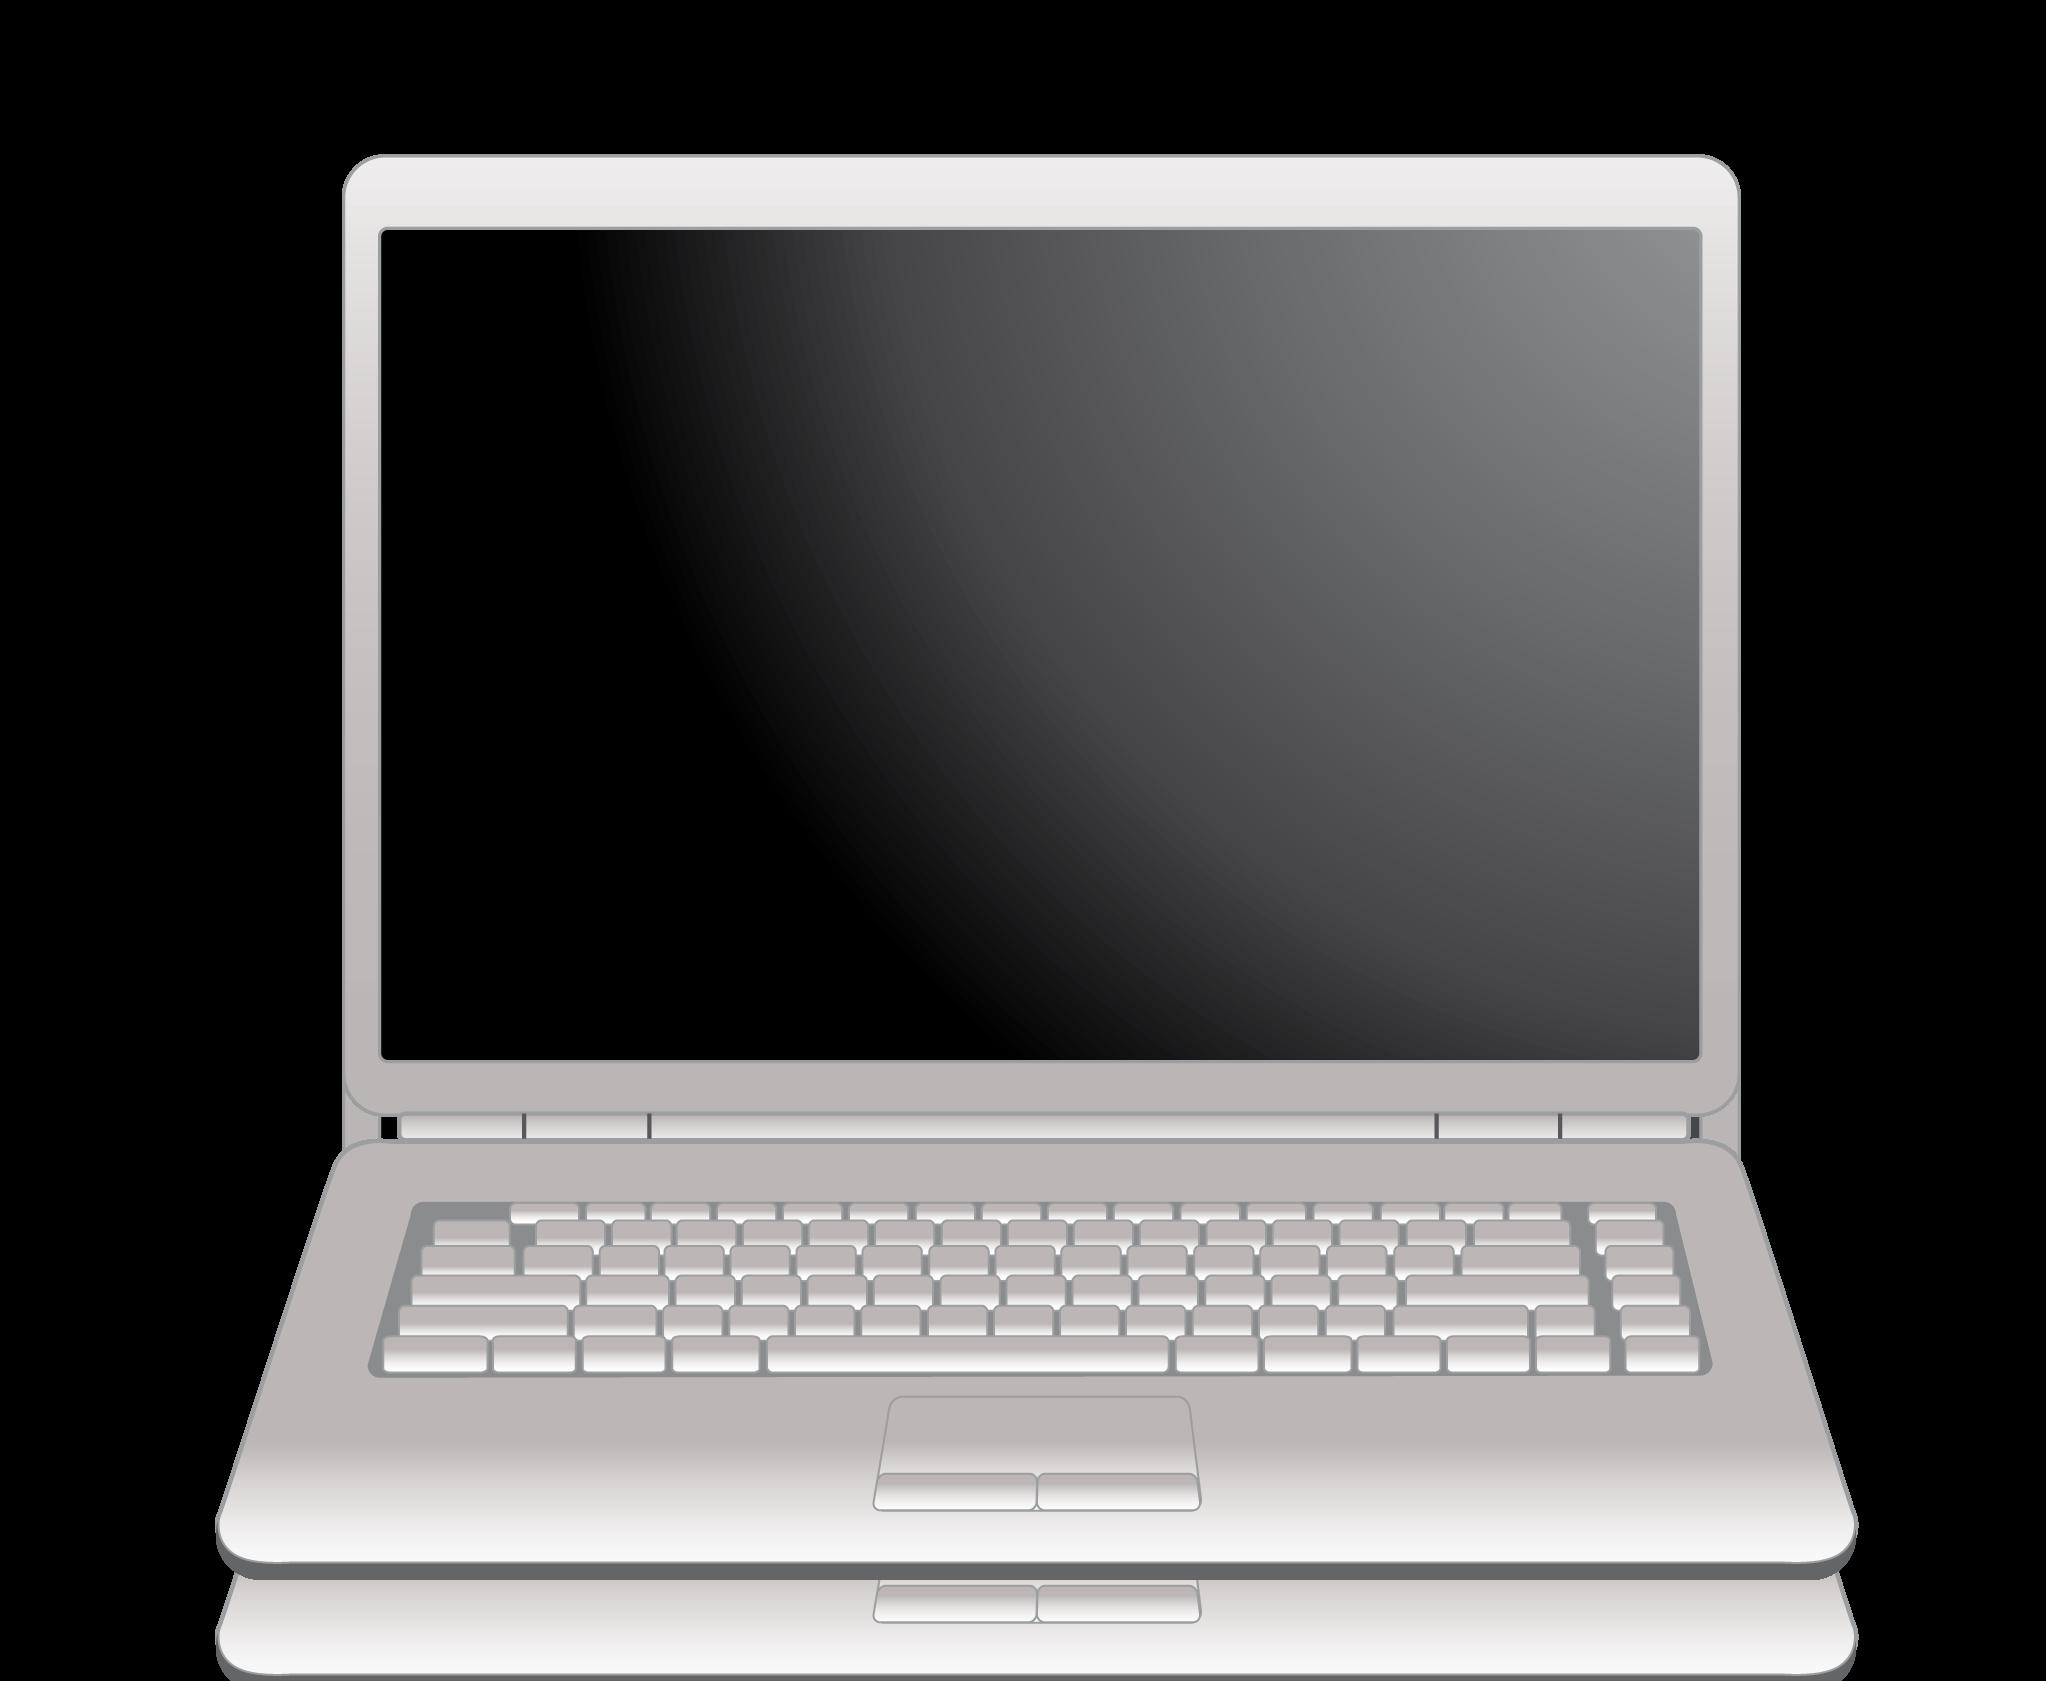 Laptop Free PNG Image - Free PNG Laptop